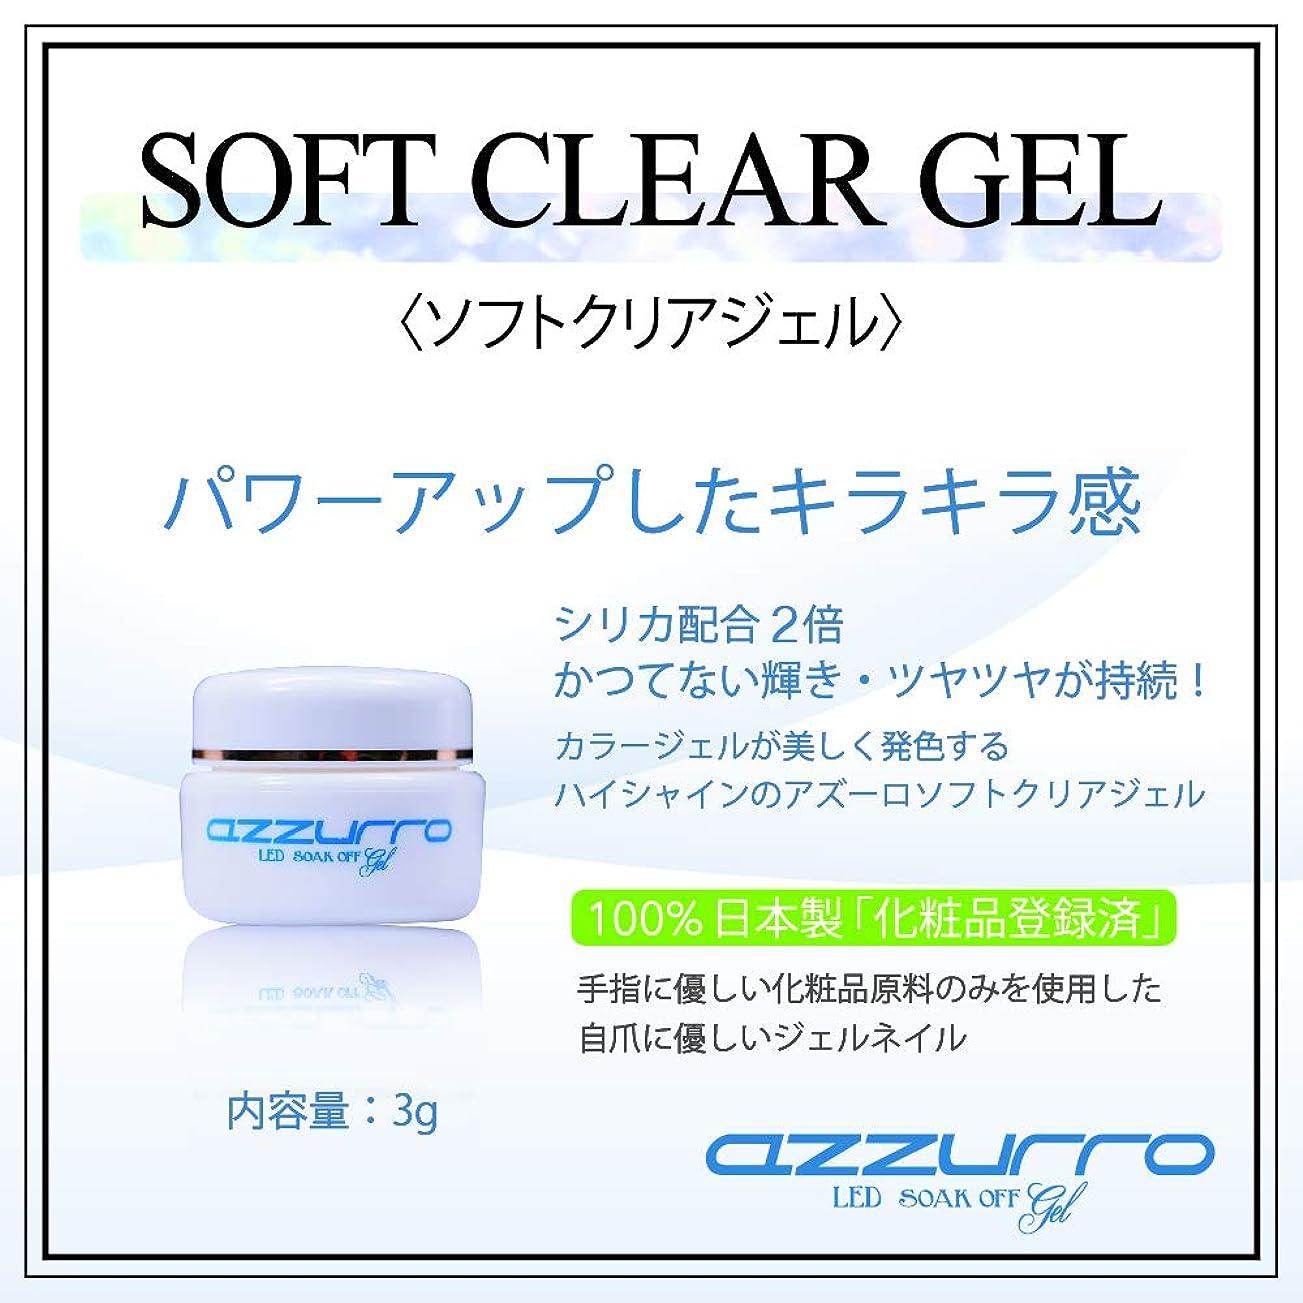 遷移ランタン水没azzurro gel アッズーロ ソフトクリアージェル ツヤツヤ キラキラ感持続 抜群のツヤ 爪に優しい日本製 3g